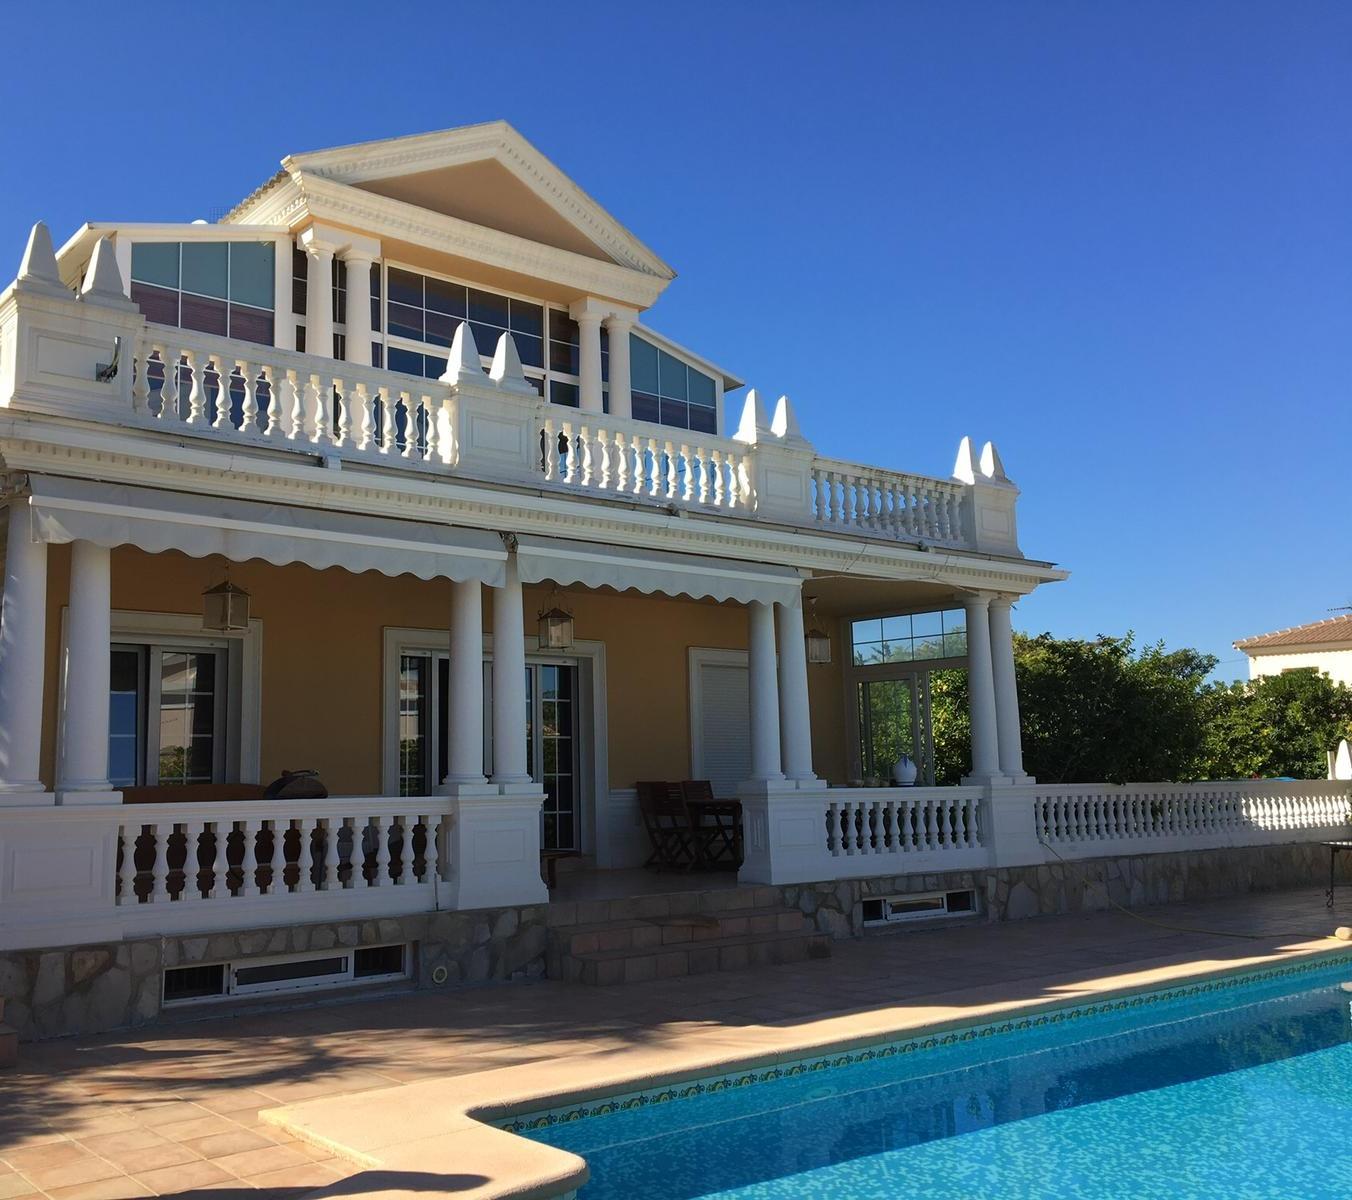 Spanien Immobilie Mieten und Immobilie in Spanien Kaufen